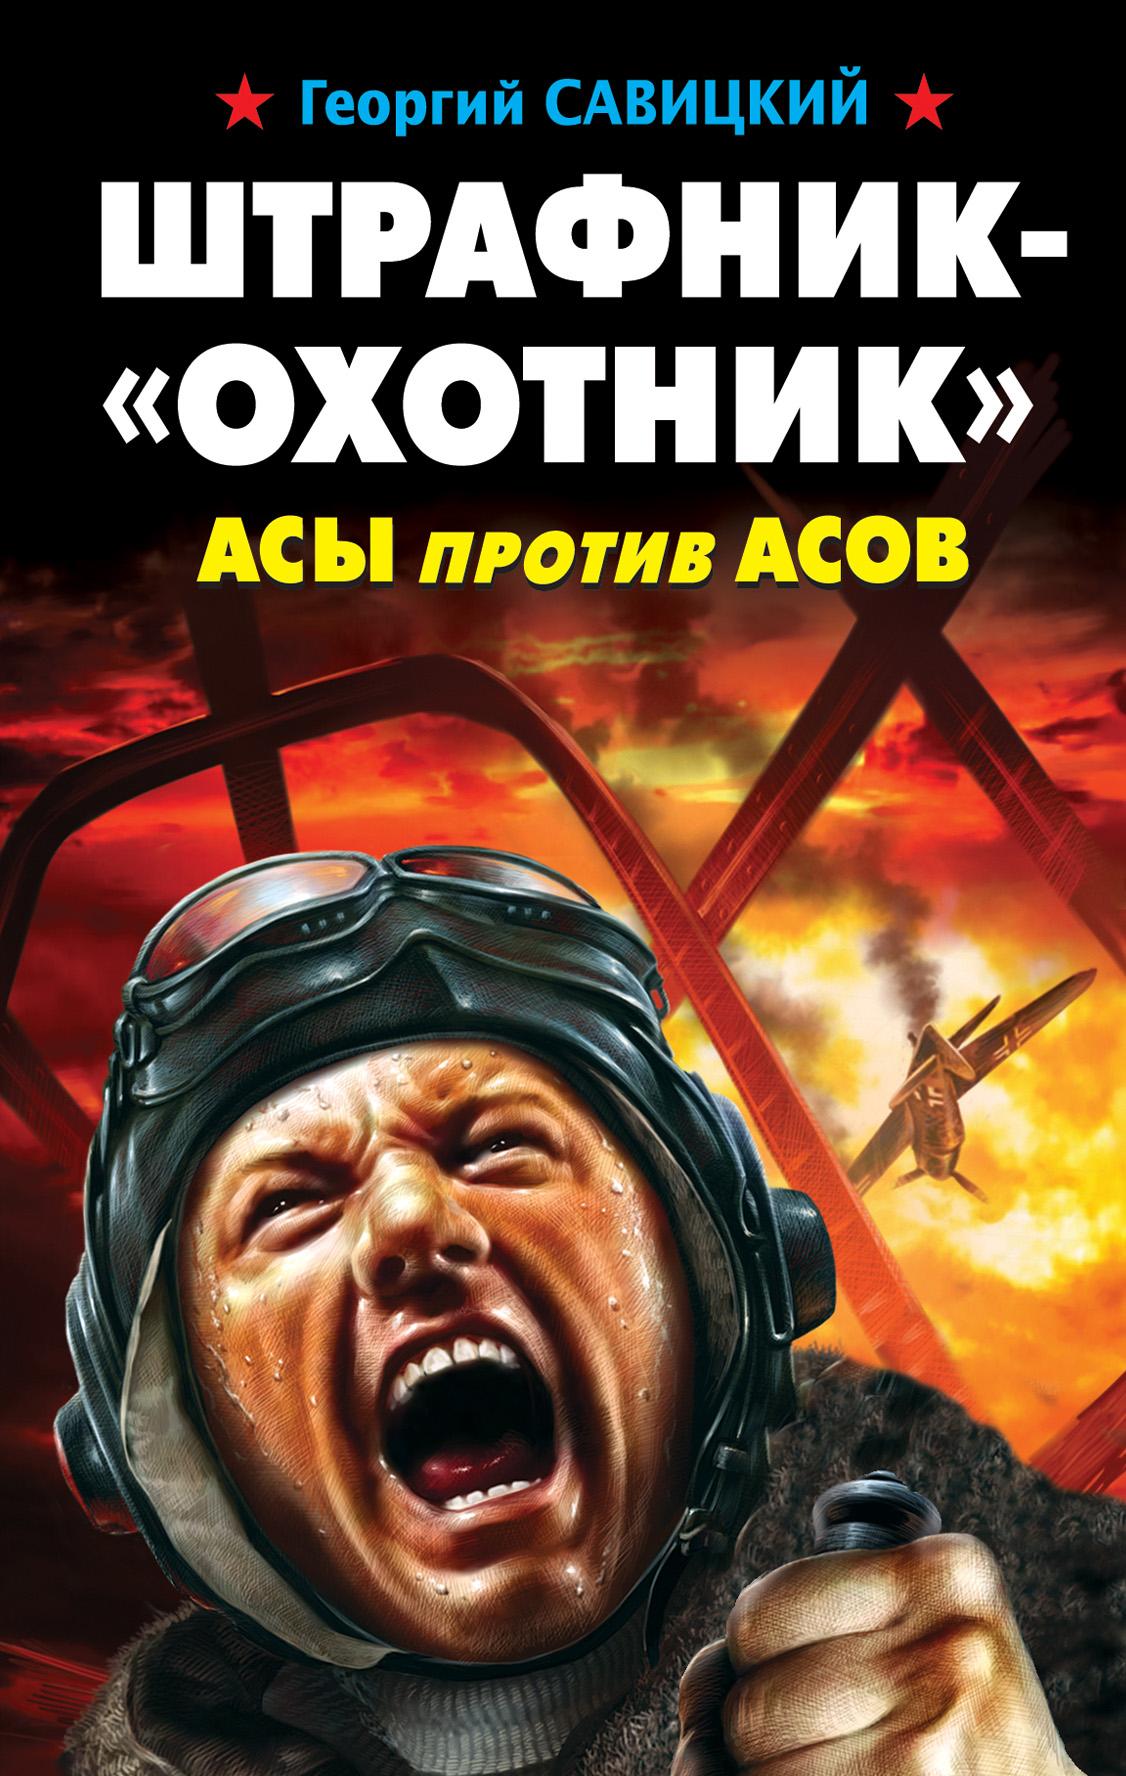 Георгий Савицкий Штрафник-«охотник». Асы против асов